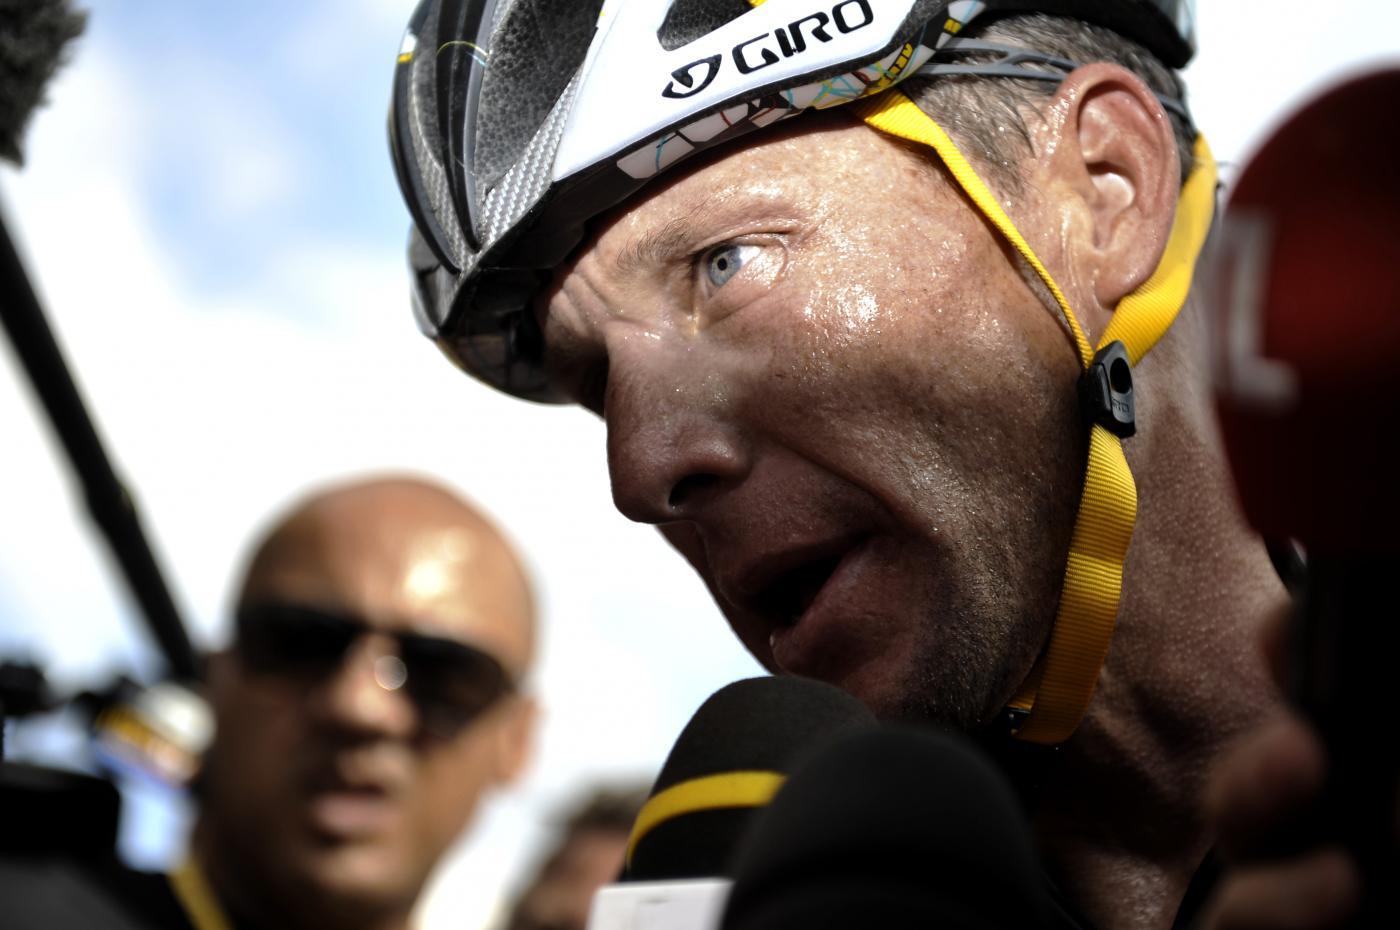 Ciclismo, Armstrong condannato a pagare 5 milioni di dollari di risarcimento